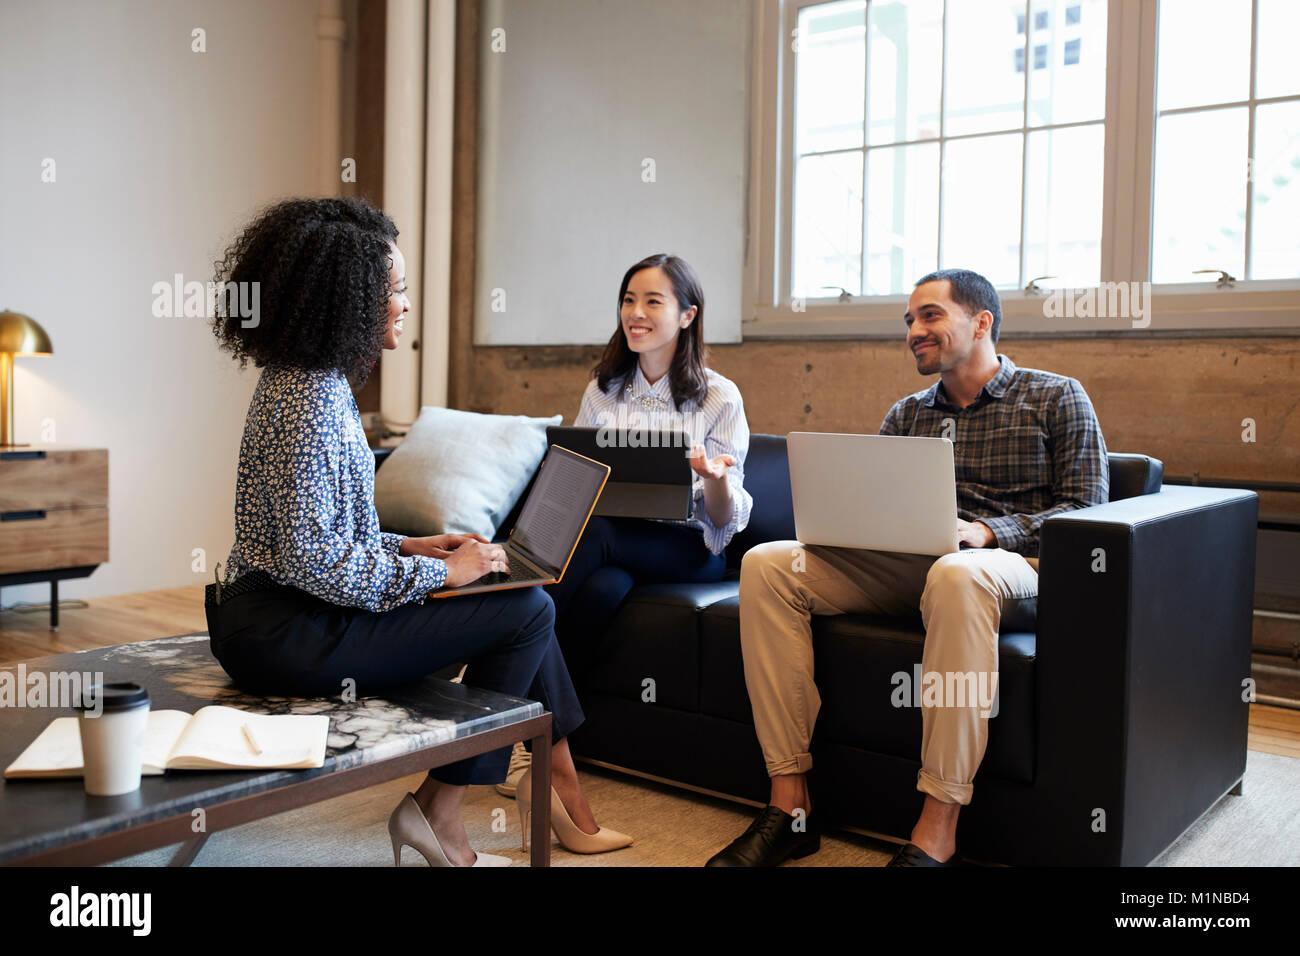 Sorridente colleghi di lavoro con computer portatili a un incontro informale Immagini Stock